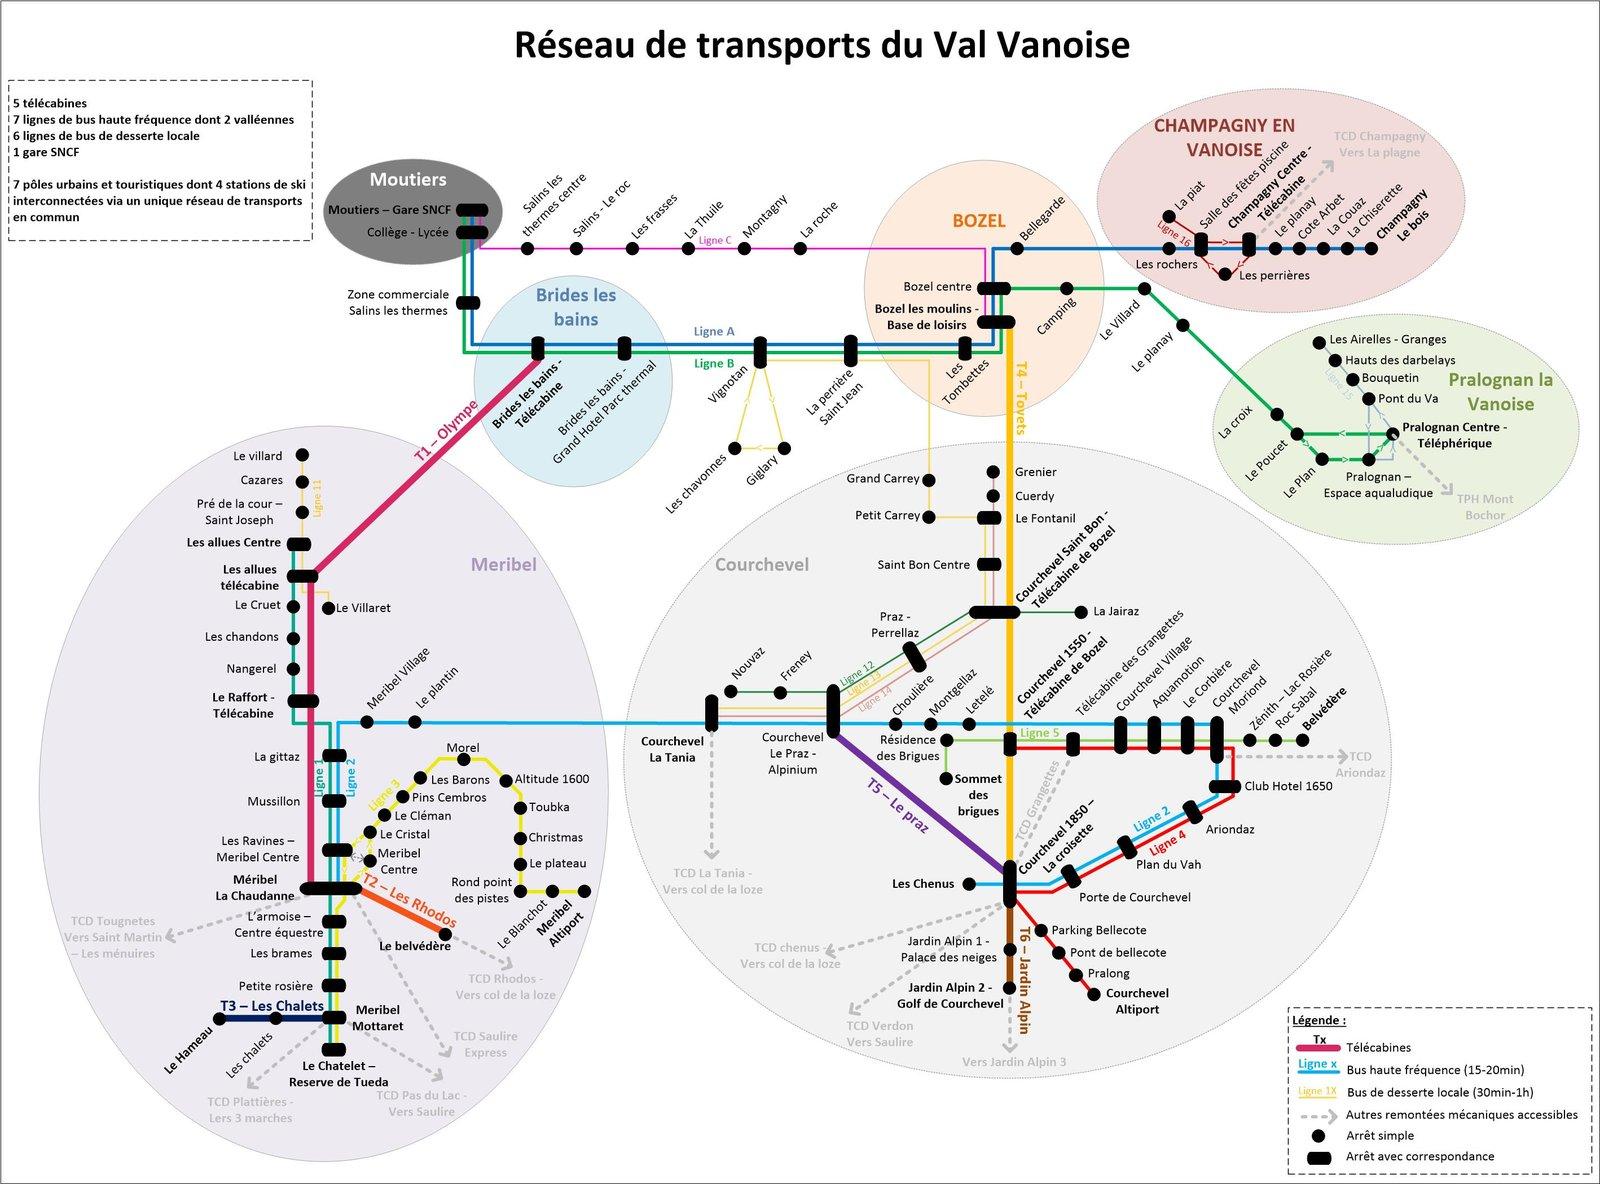 Réseau transport Val Vanoise Bride les bains - Bozel - Courchevel - chamapagny - parlongnan